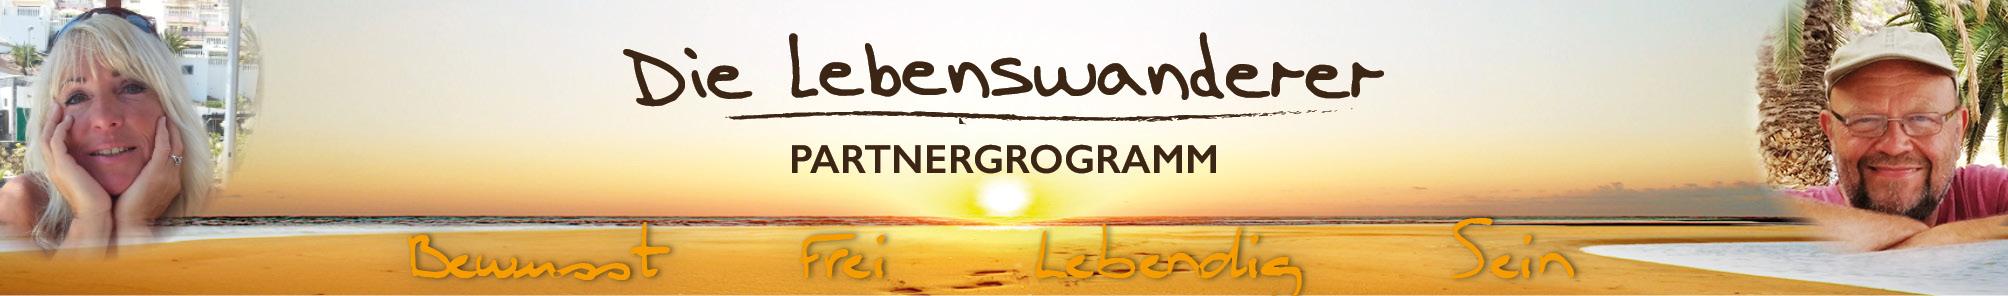 DieLebenswanderer_Partnerprog_Header